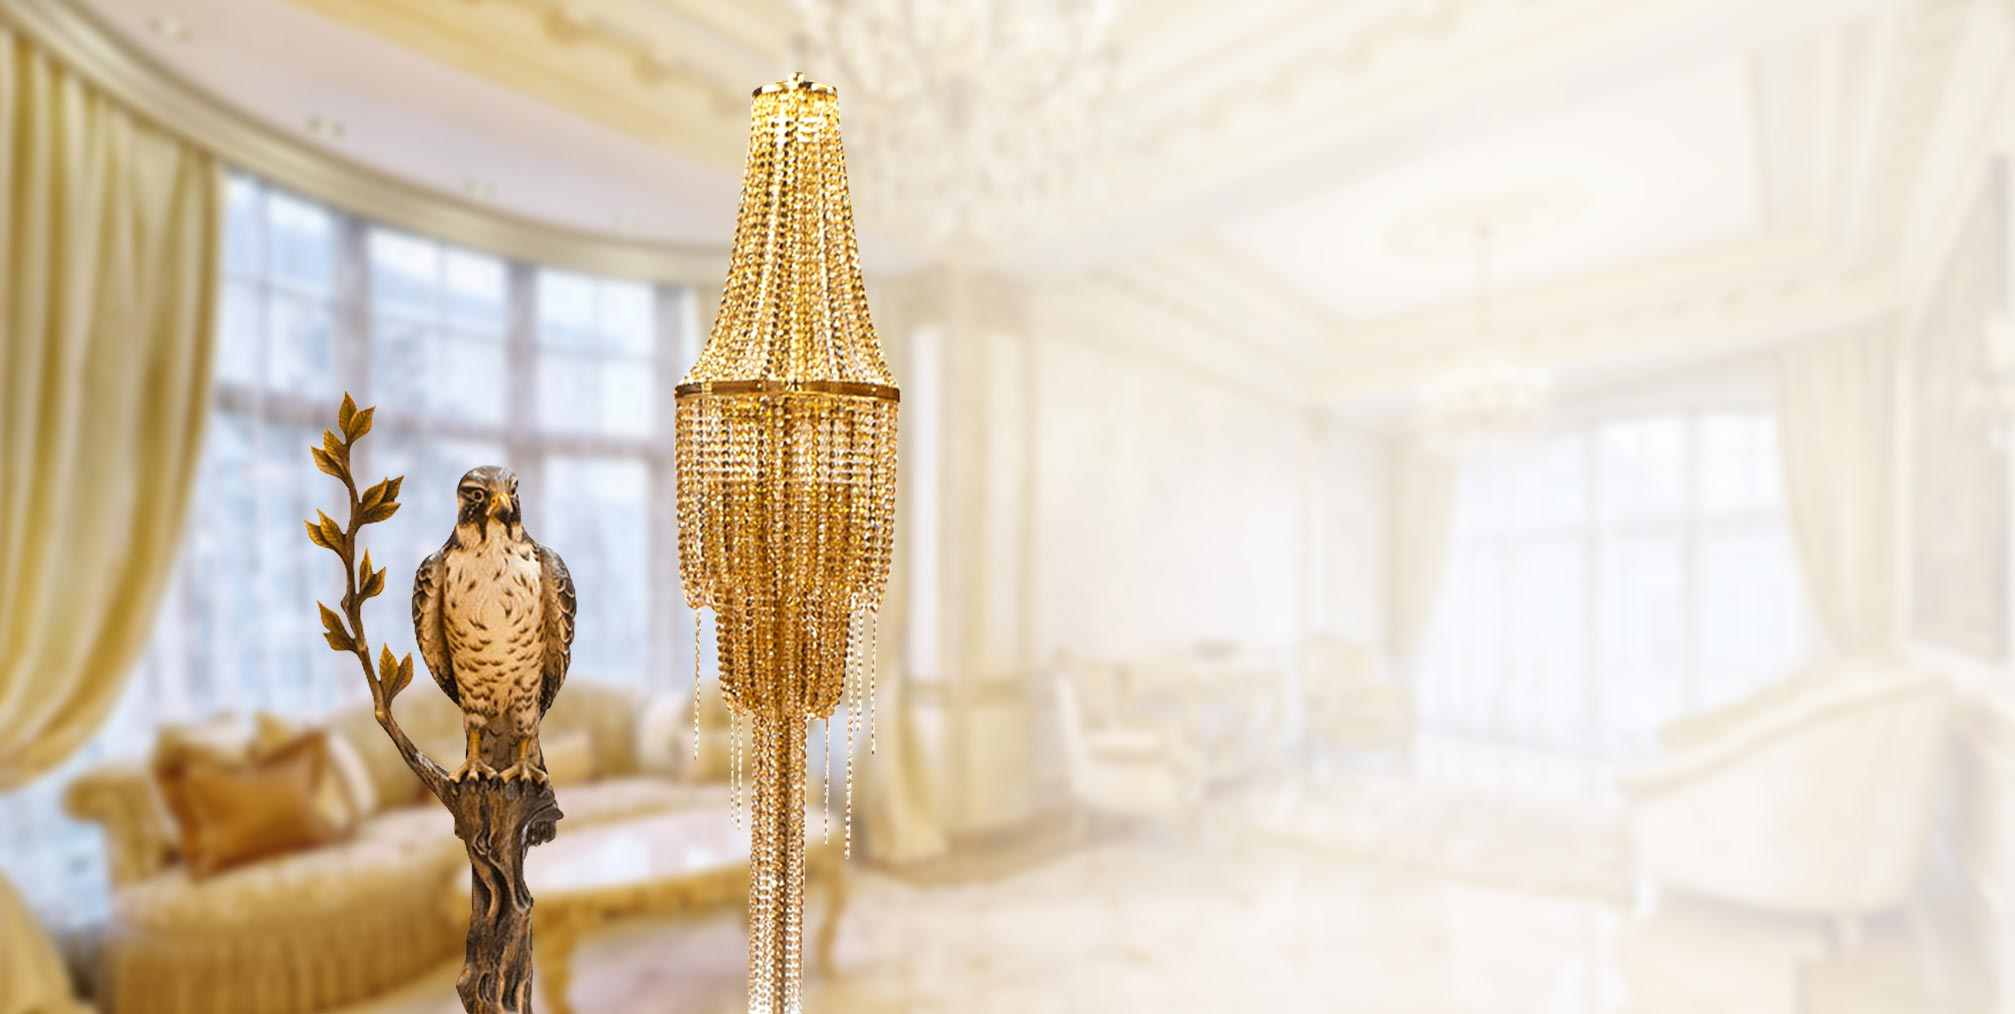 Crystal Chandelier floor Lamp ABDELKADER | Natalis Luxus